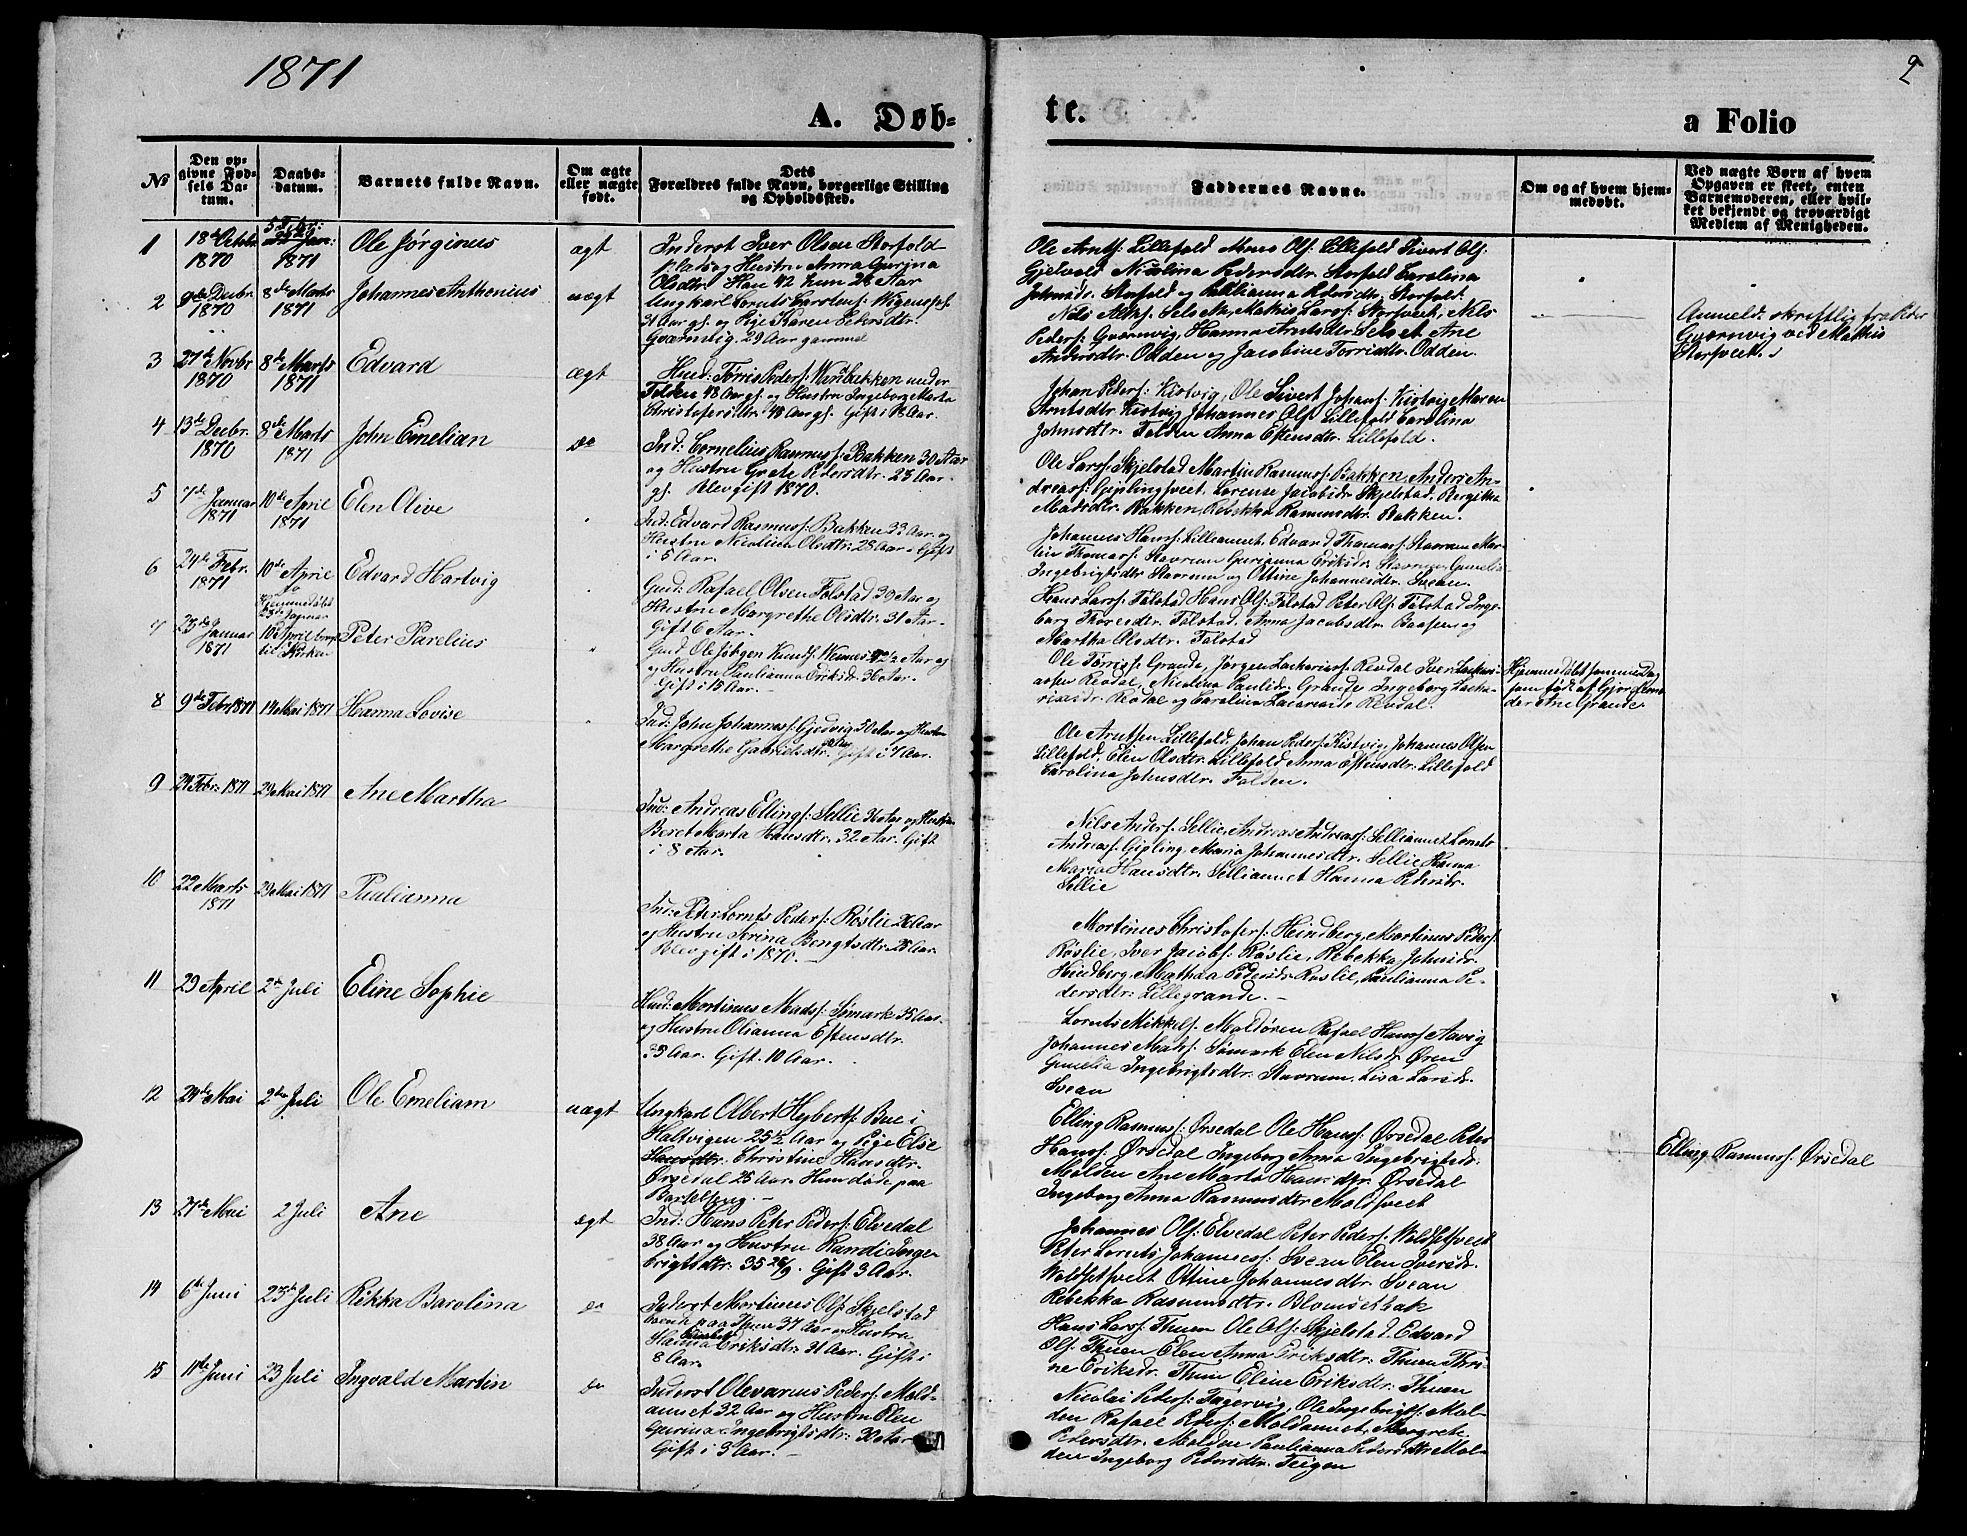 SAT, Ministerialprotokoller, klokkerbøker og fødselsregistre - Nord-Trøndelag, 744/L0422: Klokkerbok nr. 744C01, 1871-1885, s. 2